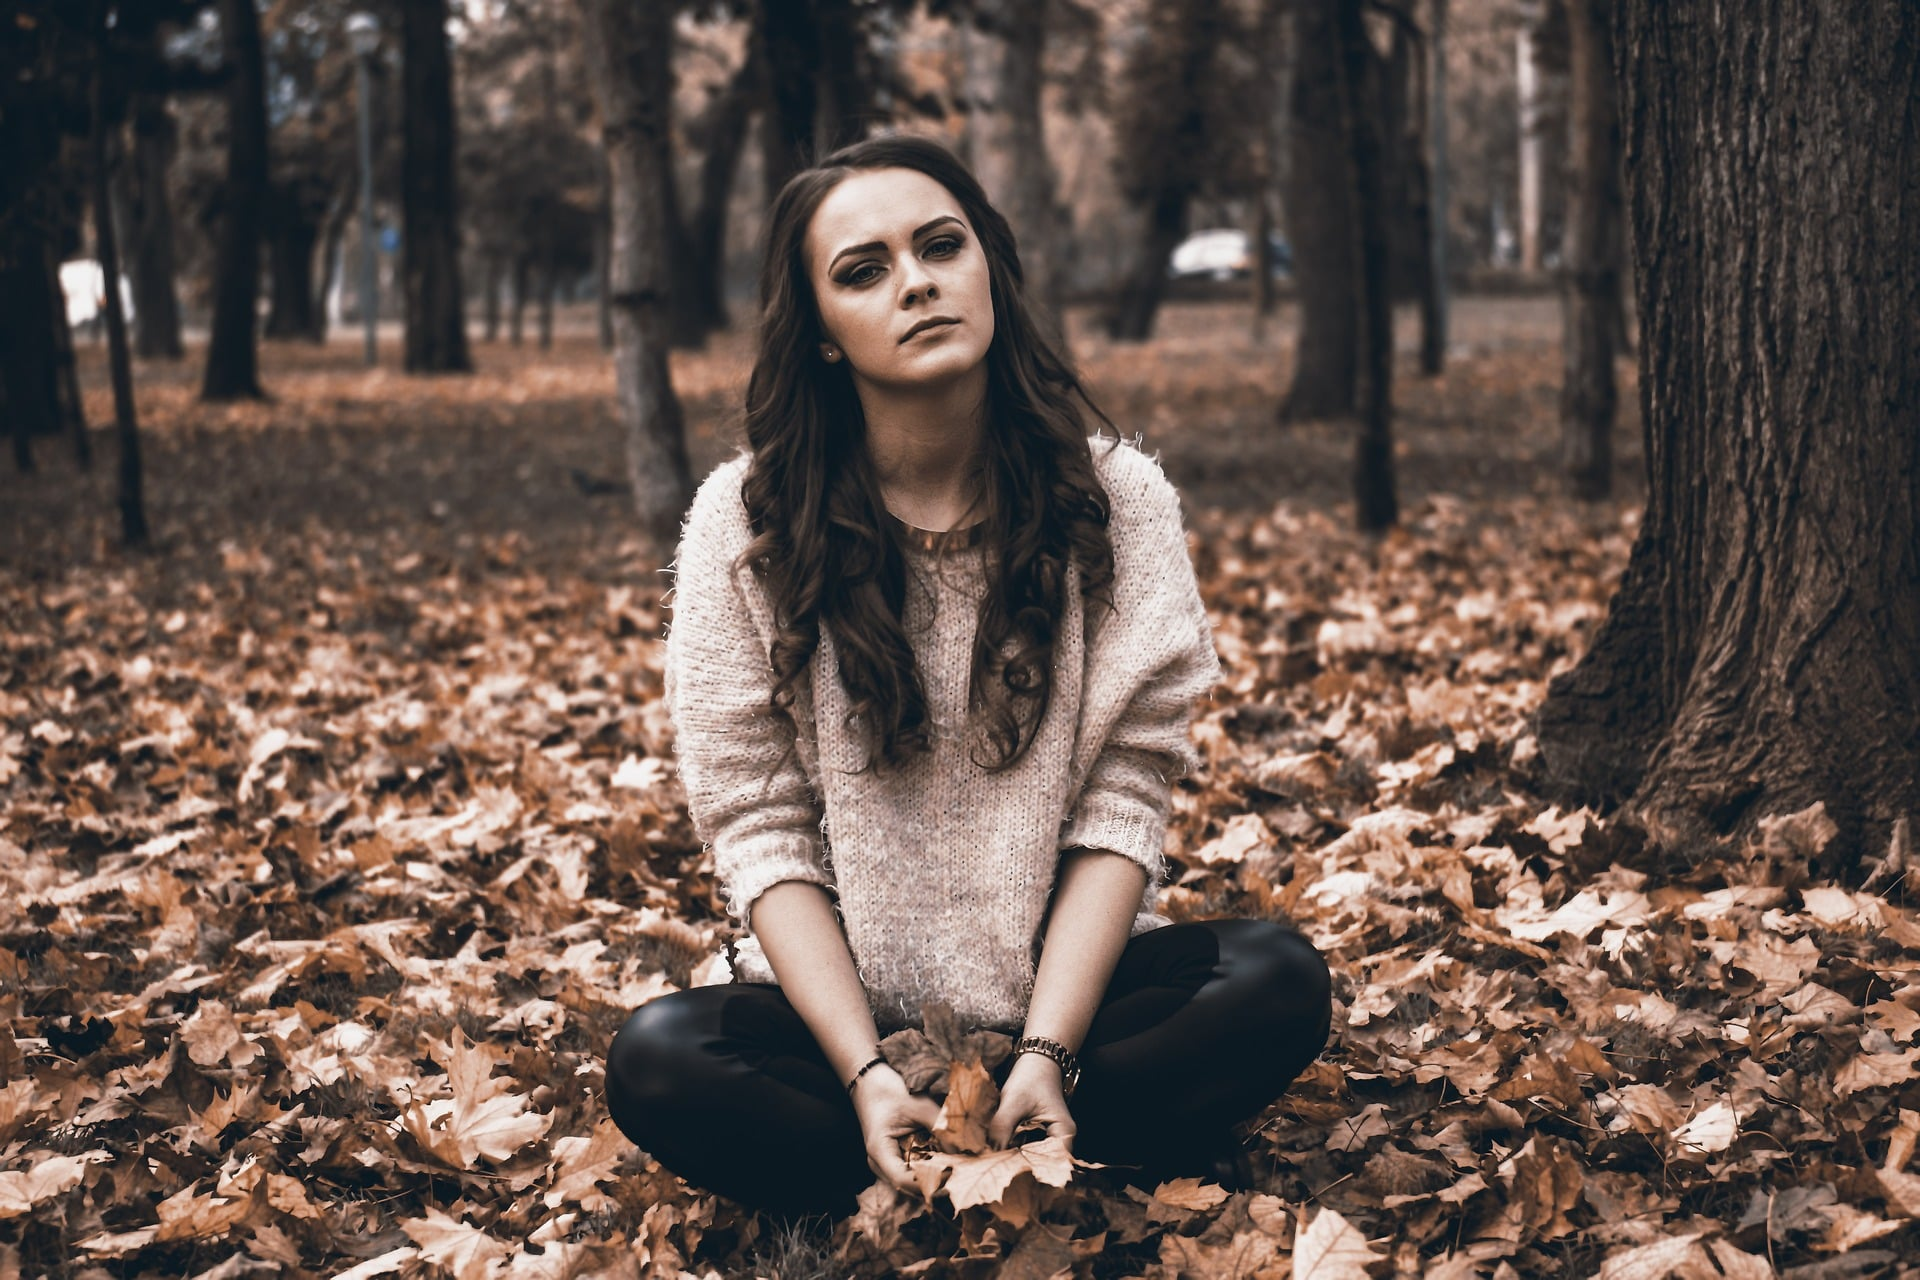 Prawo a moralność - myśląca dziewczyna w parku